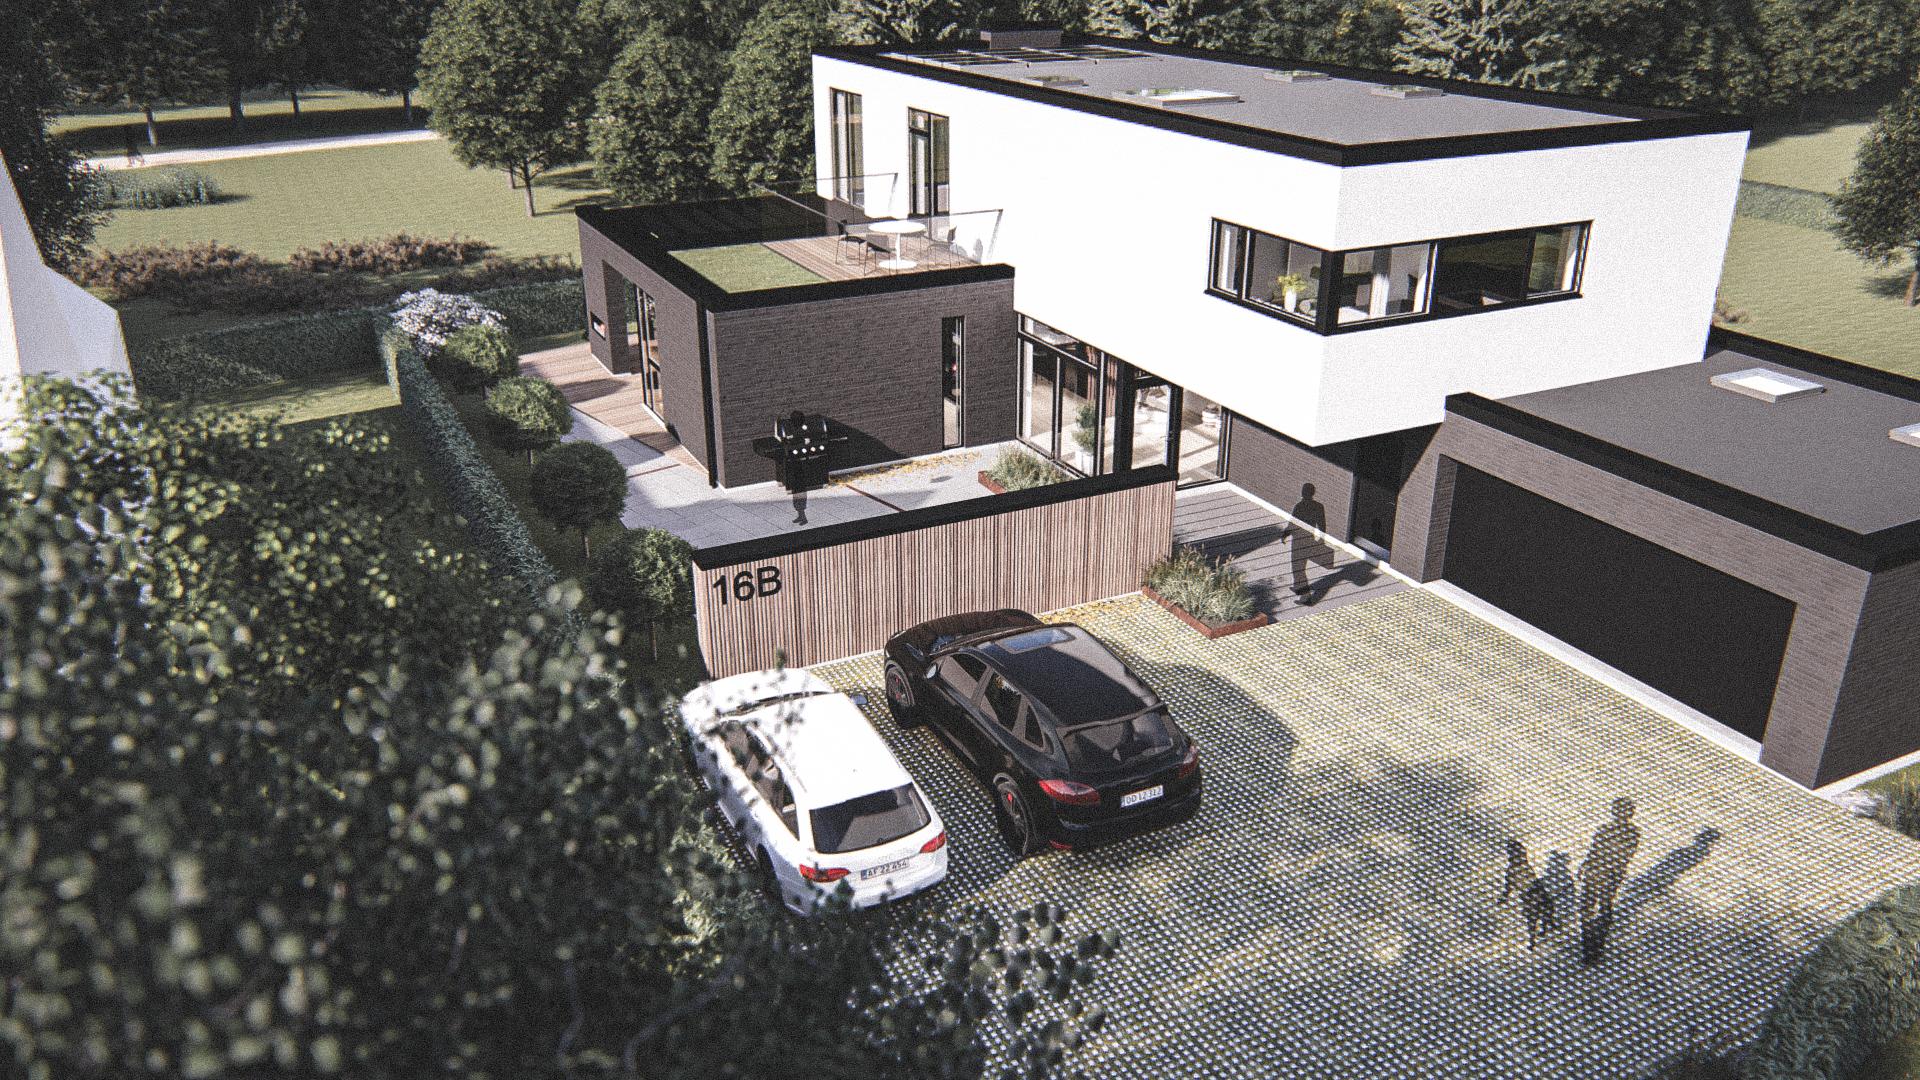 Billede af Dansk arkitekttegnet 3 plan villa af arkitektfirmaet m2plus, i Kongens Lyngby på 267 kvartratmeter.